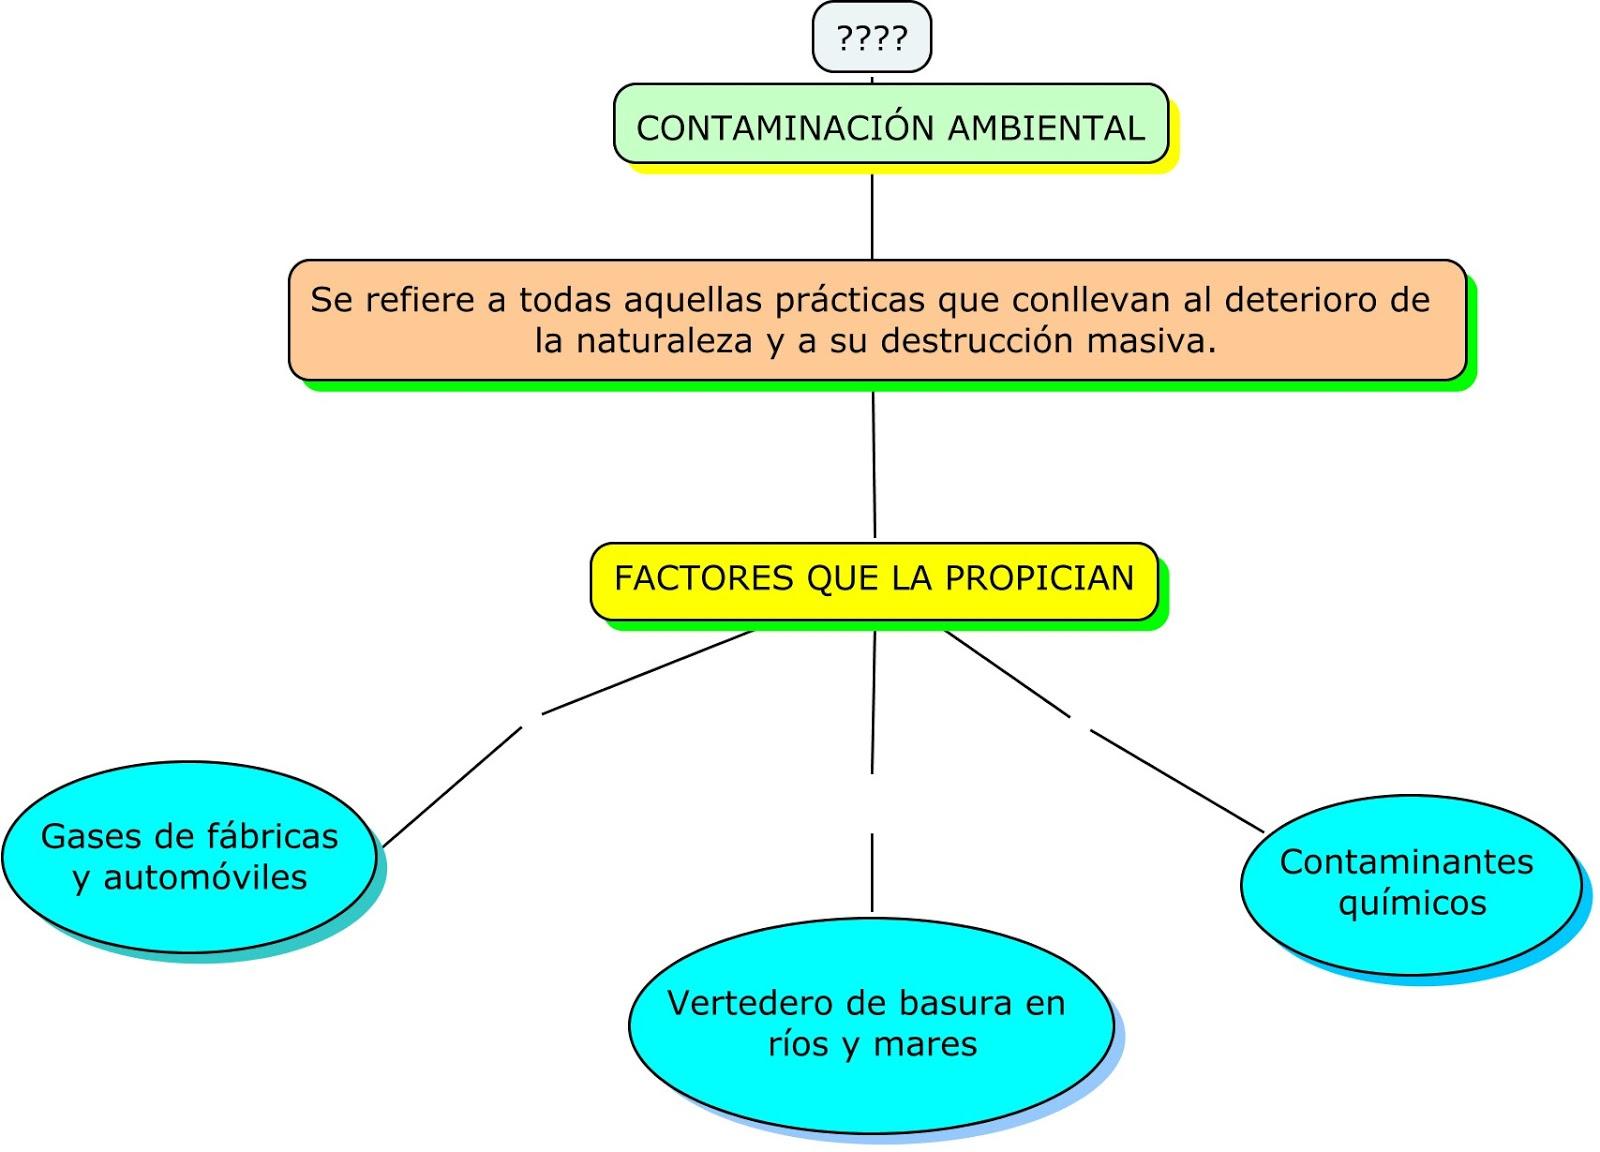 CONTAMINACIÓN AMBIENTAL: Mapa conceptual